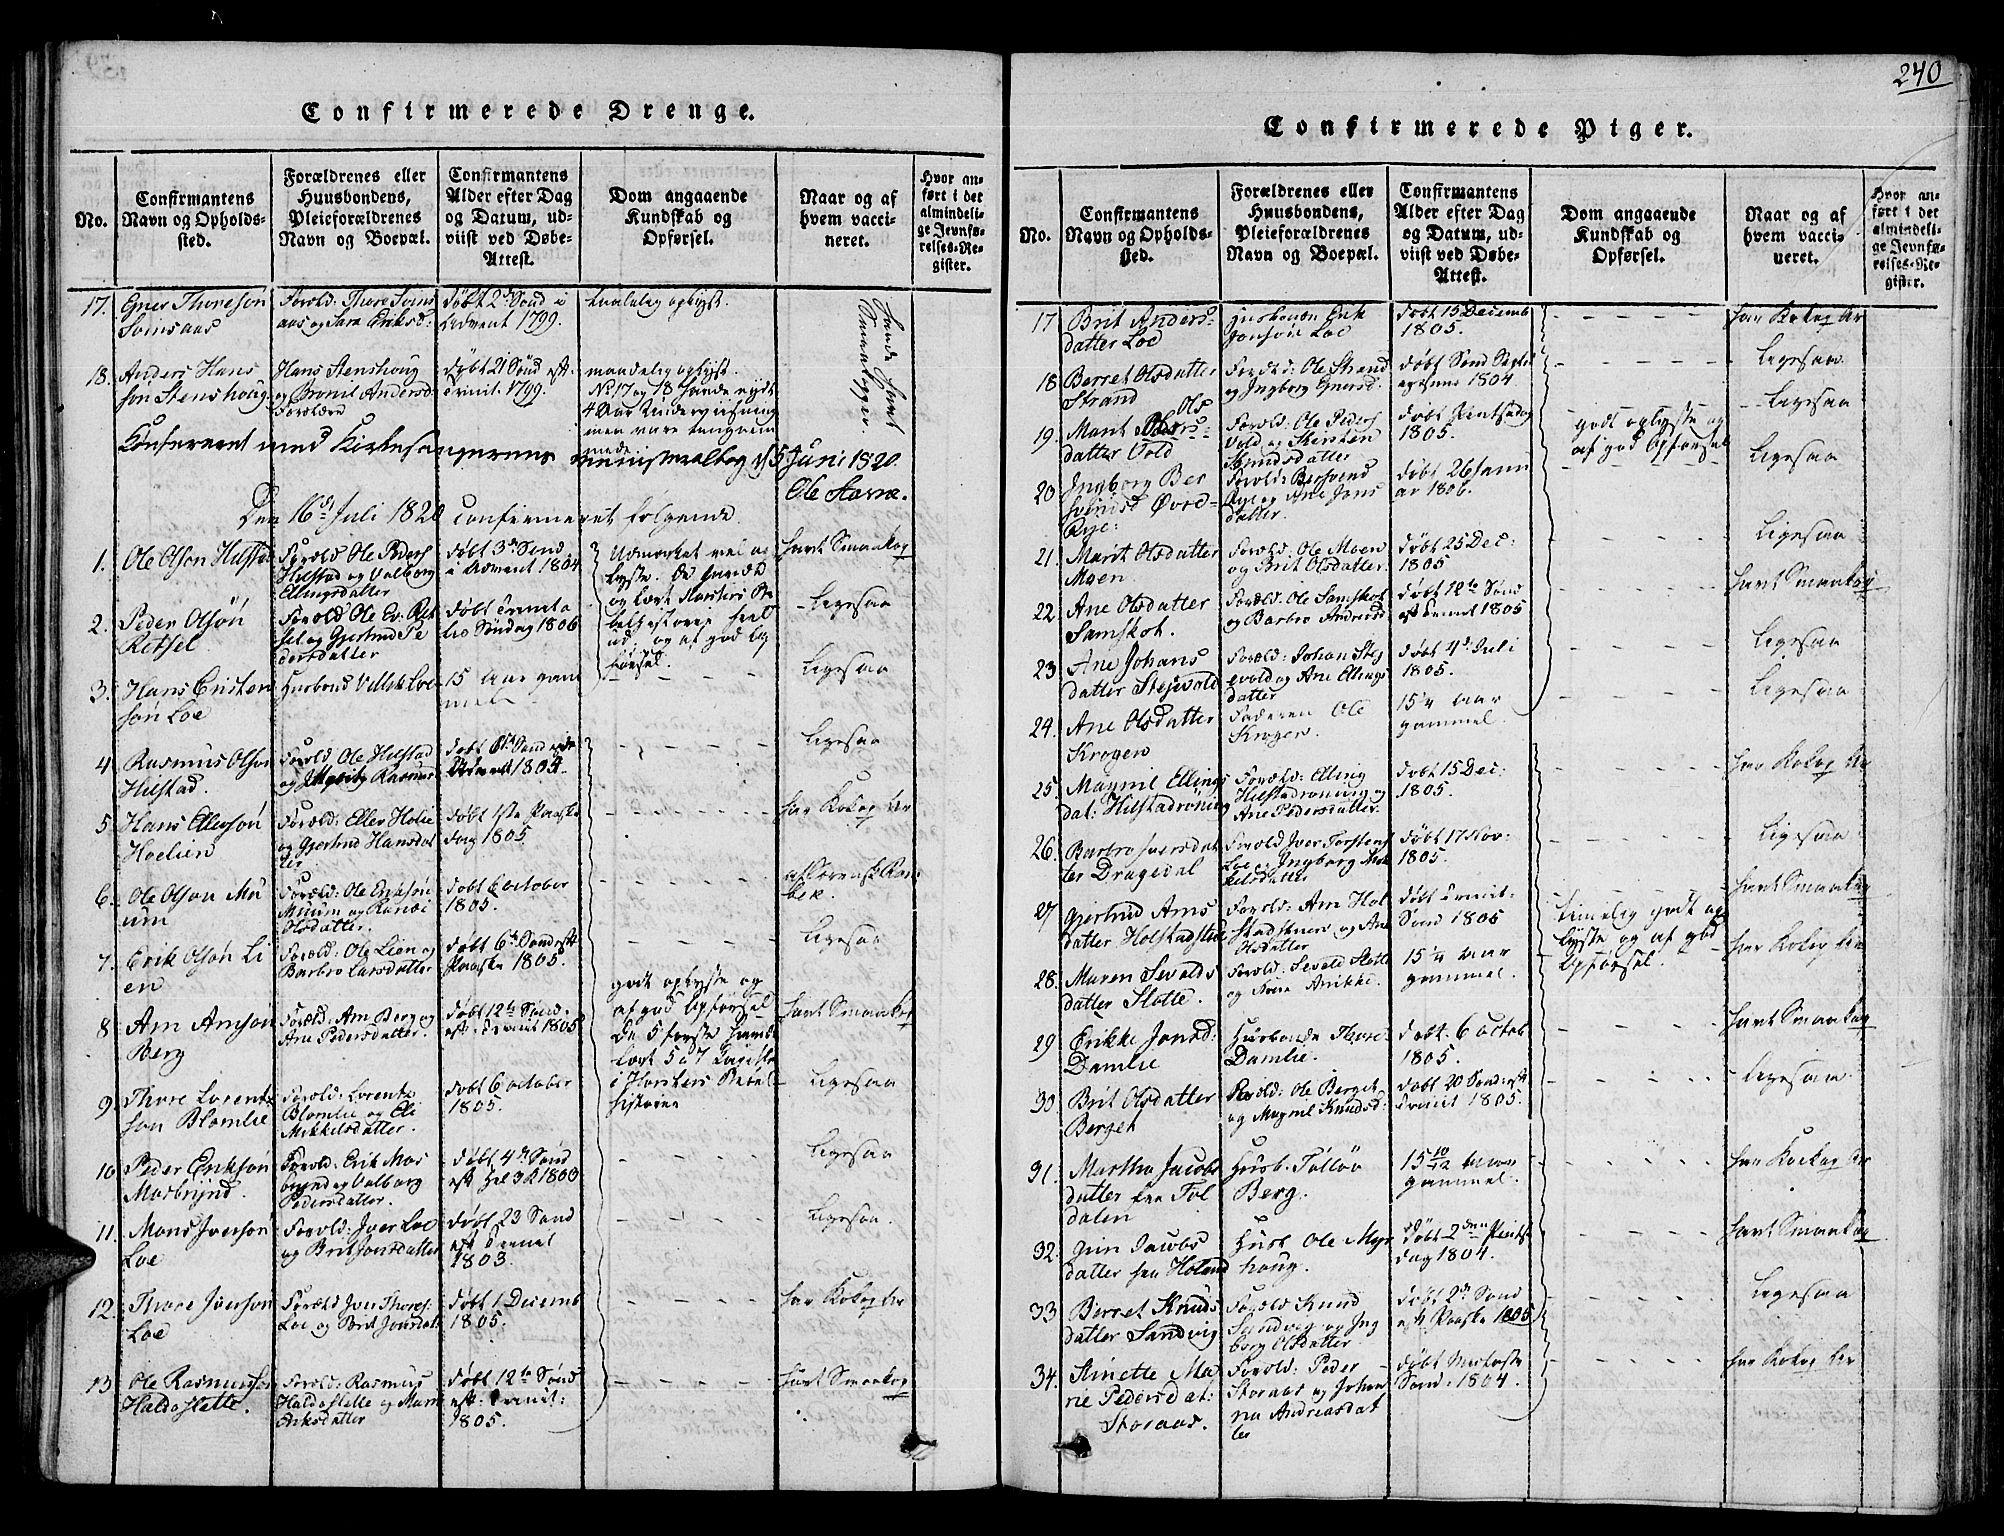 SAT, Ministerialprotokoller, klokkerbøker og fødselsregistre - Sør-Trøndelag, 672/L0853: Ministerialbok nr. 672A06 /1, 1816-1829, s. 240